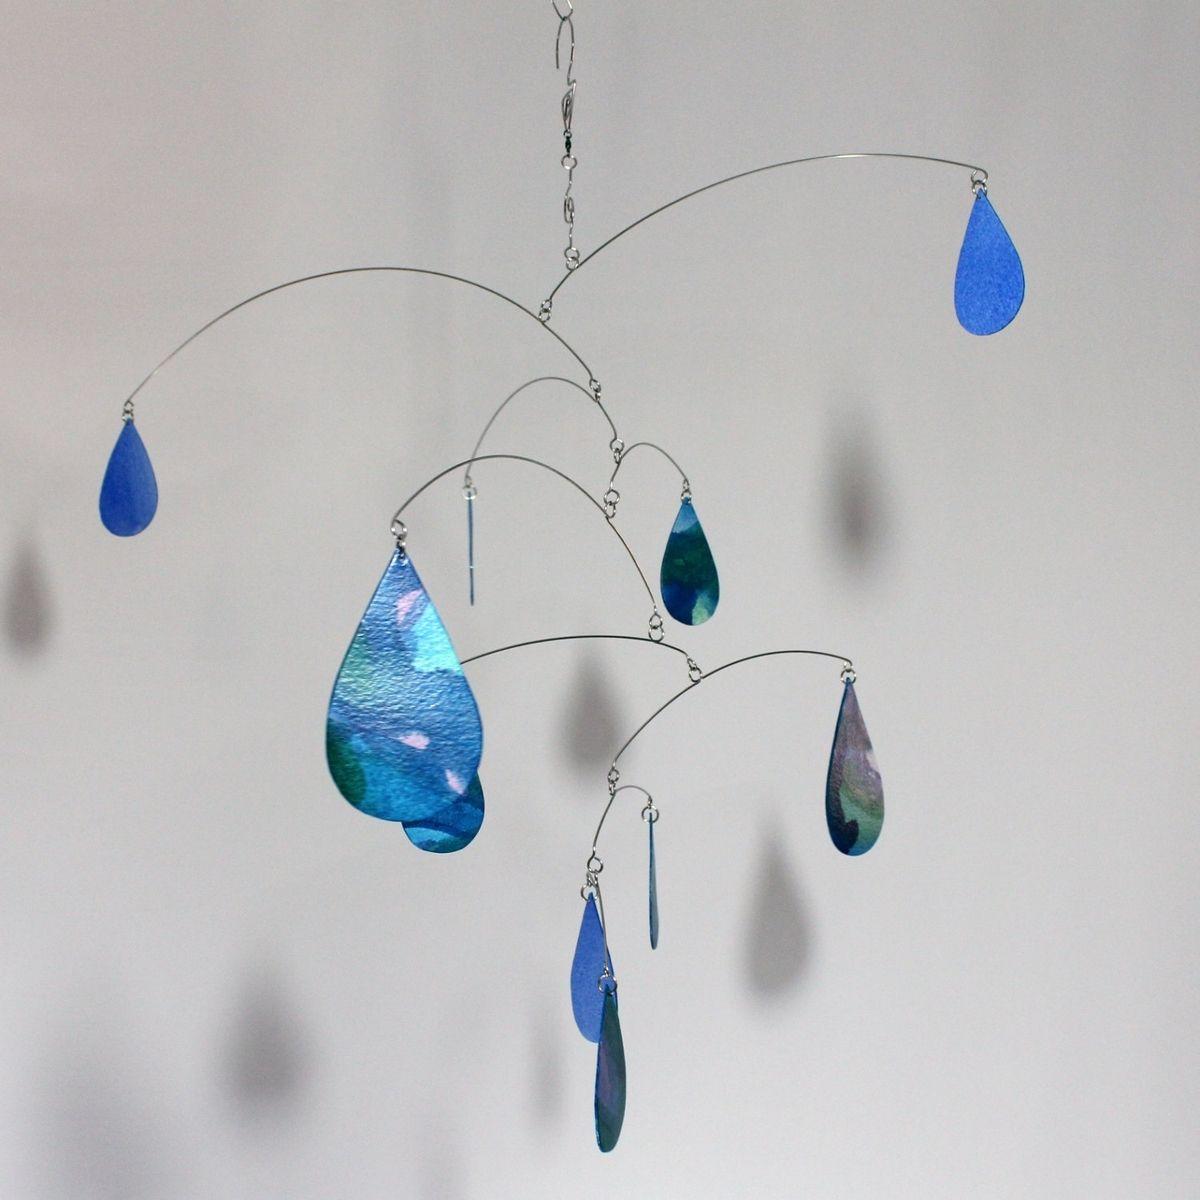 Hand Made Rain Raining Rain Art Mobile Spring Shower